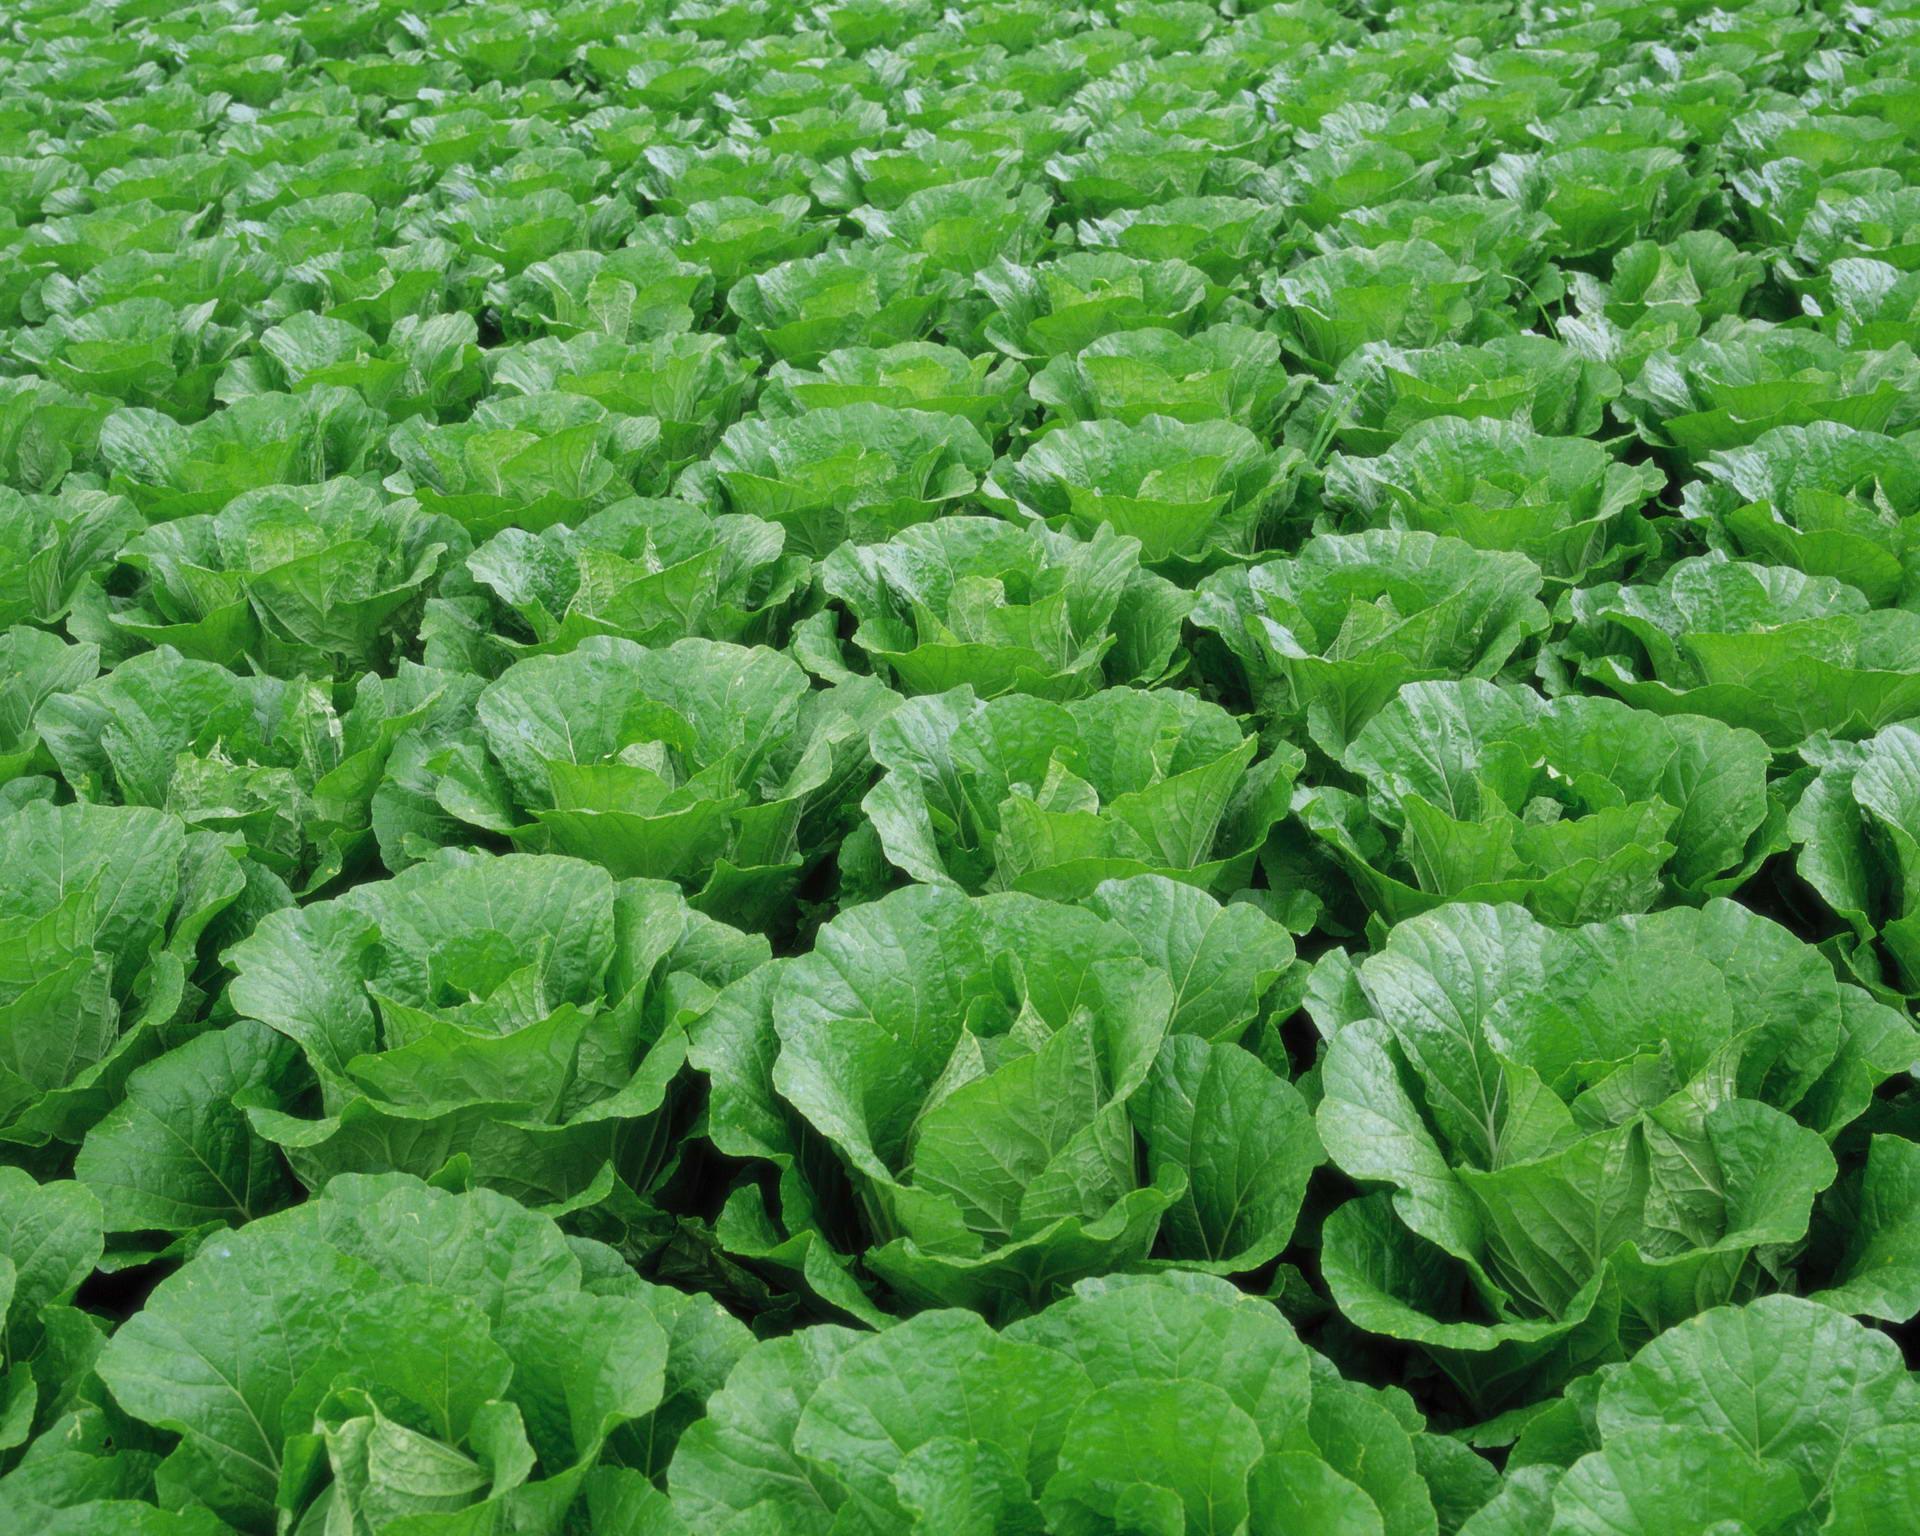 Определение вида капусты